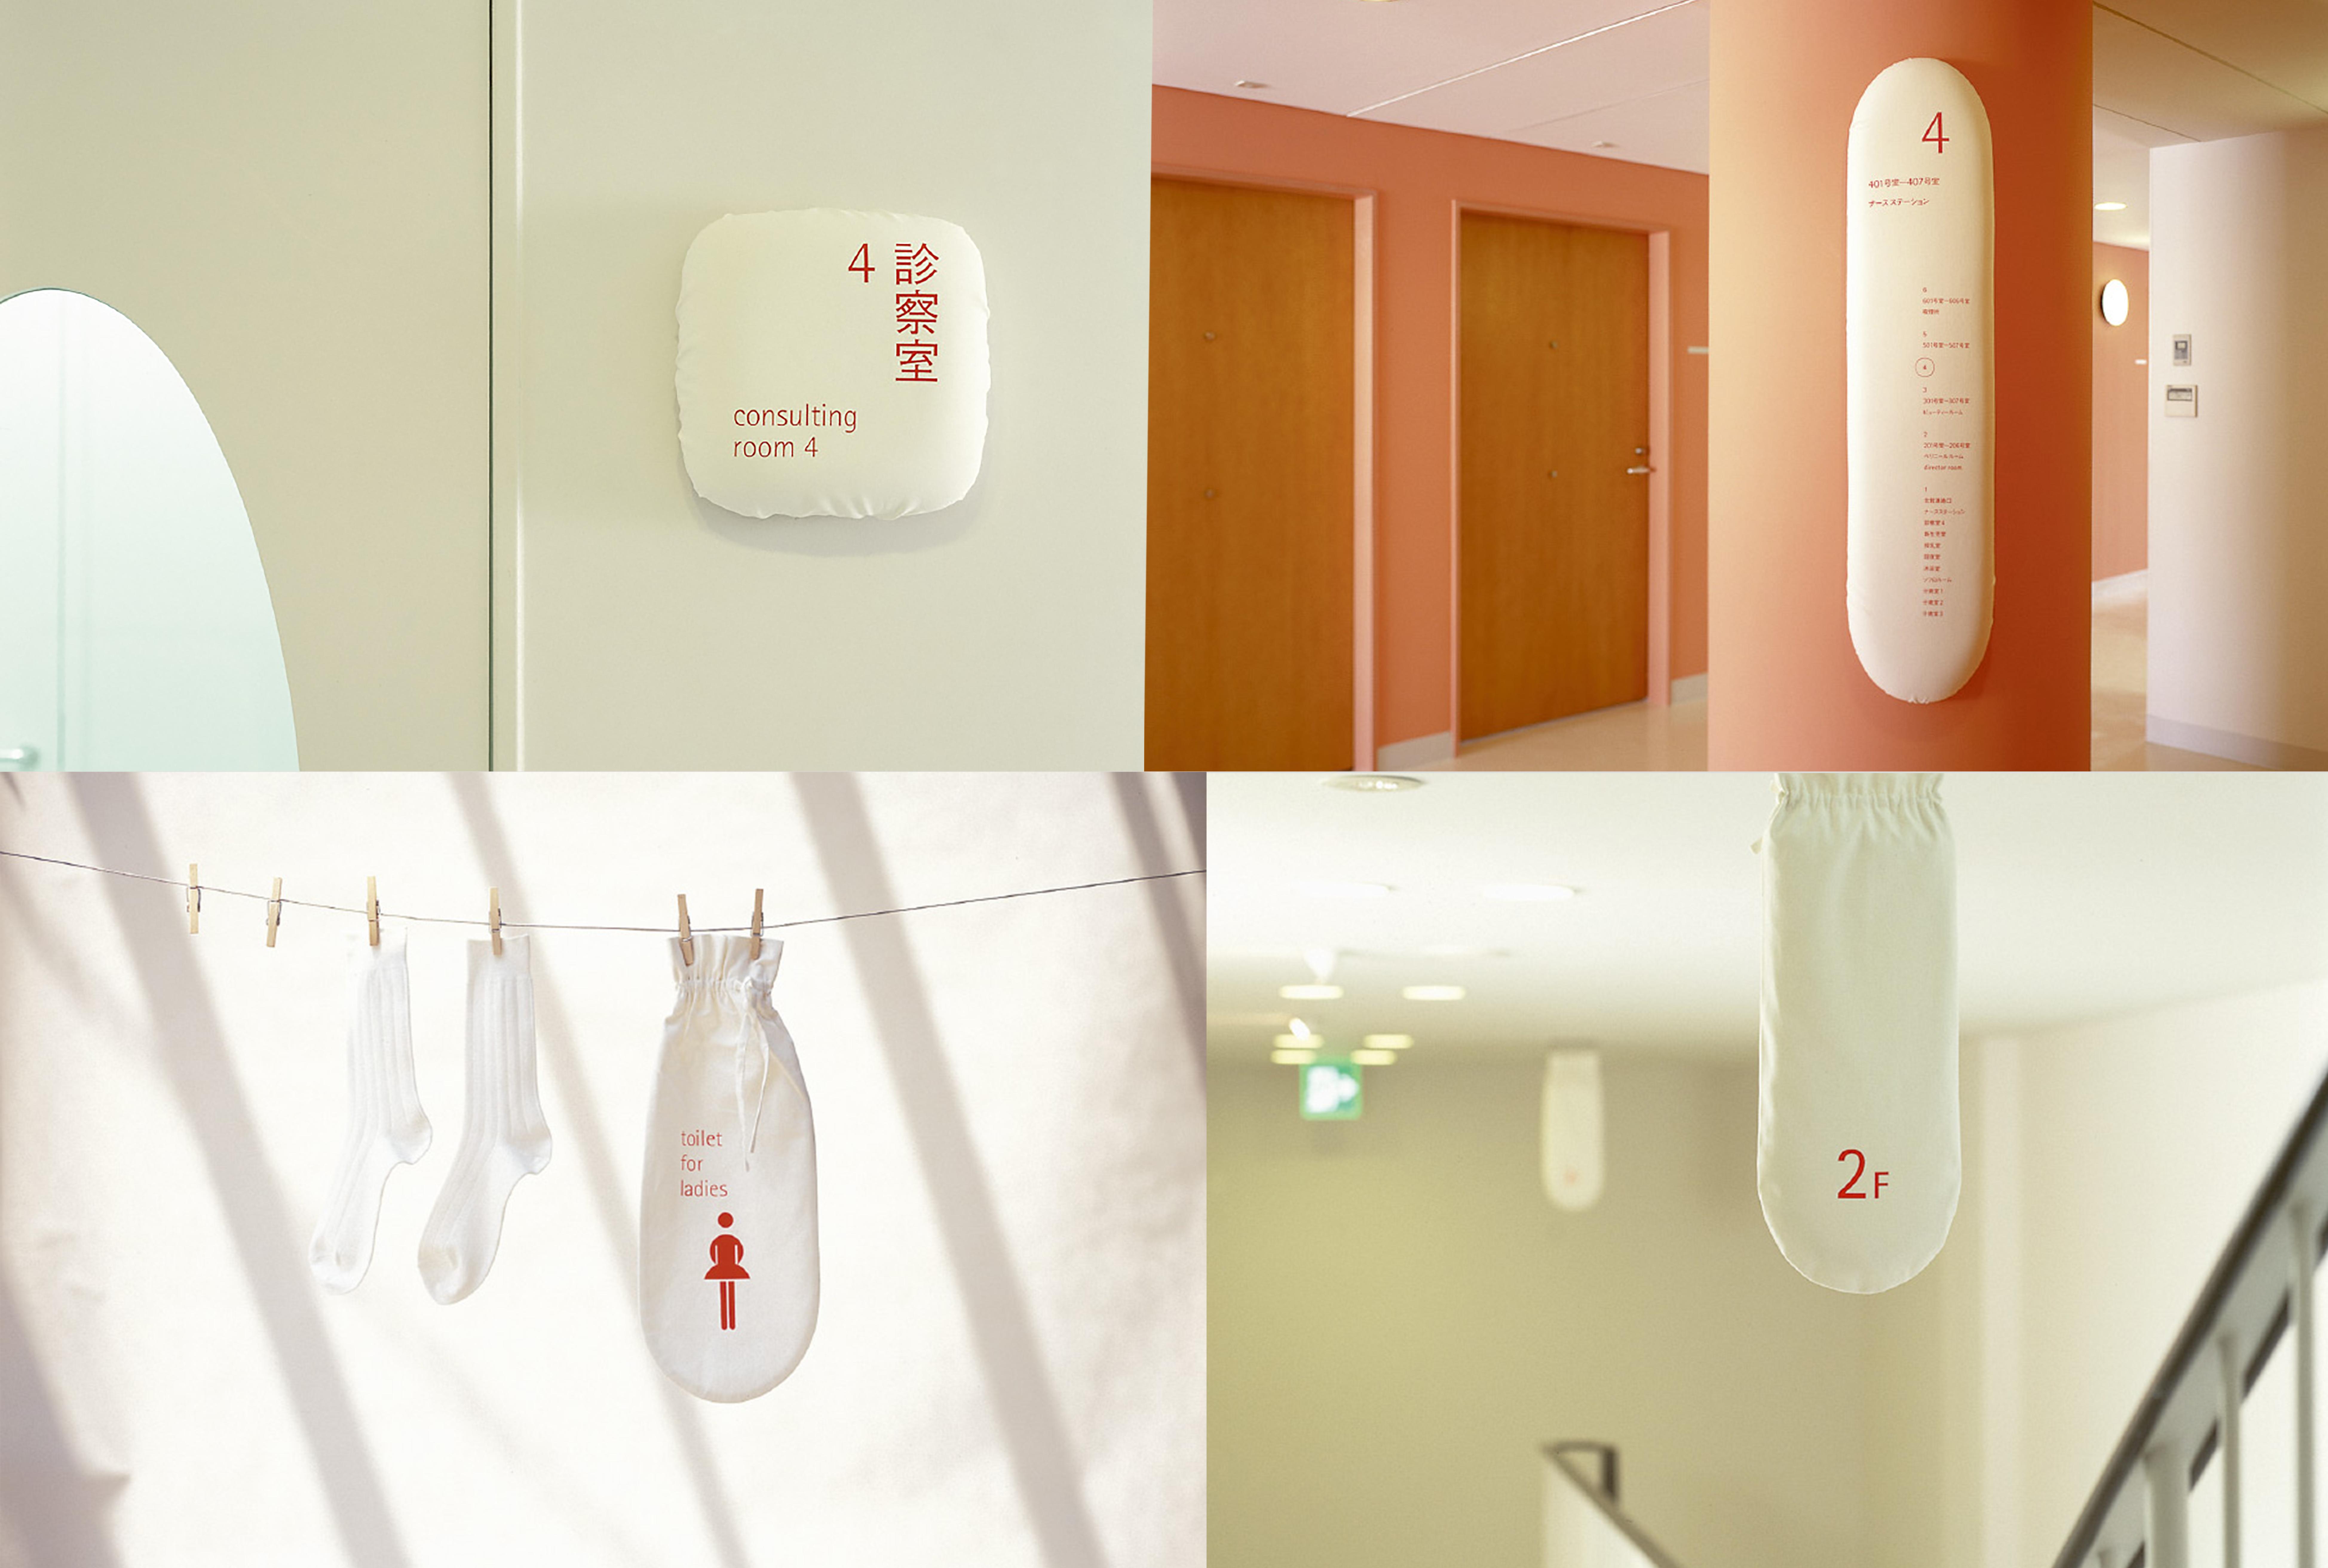 梅田病院標識系統設計(Hara Design Institute)